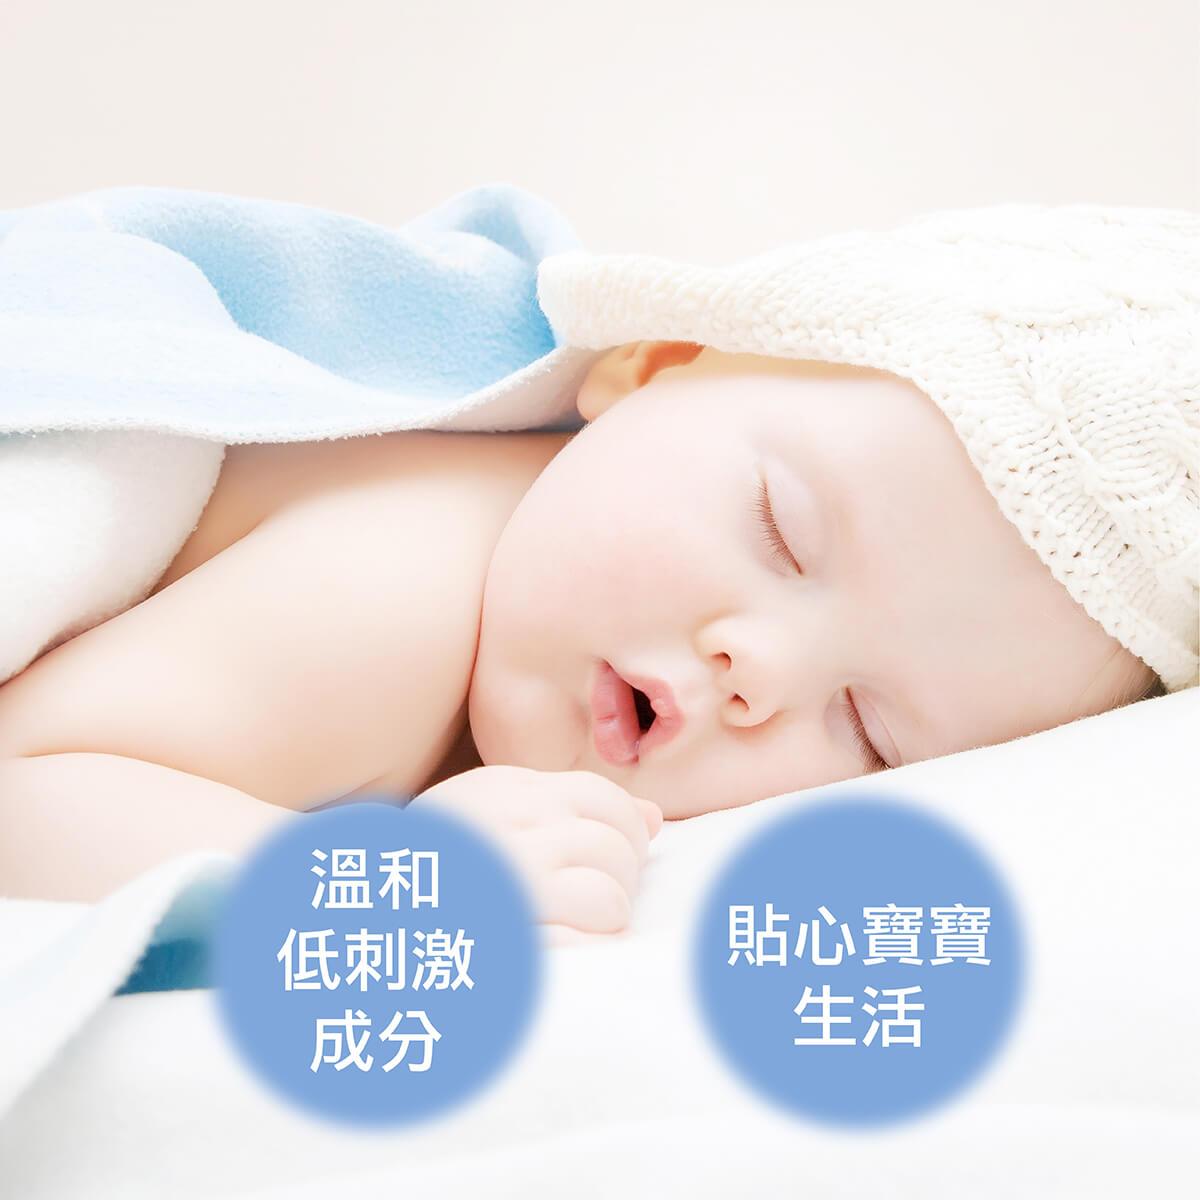 法國Douce Nature地恩寶寶清潔用品,呵護寶寶脆弱肌,低泡沫的溫和成分清潔寶寶的肌膚,產品皆有指標性認證(Ecocert、BIO認證),安心有保障。